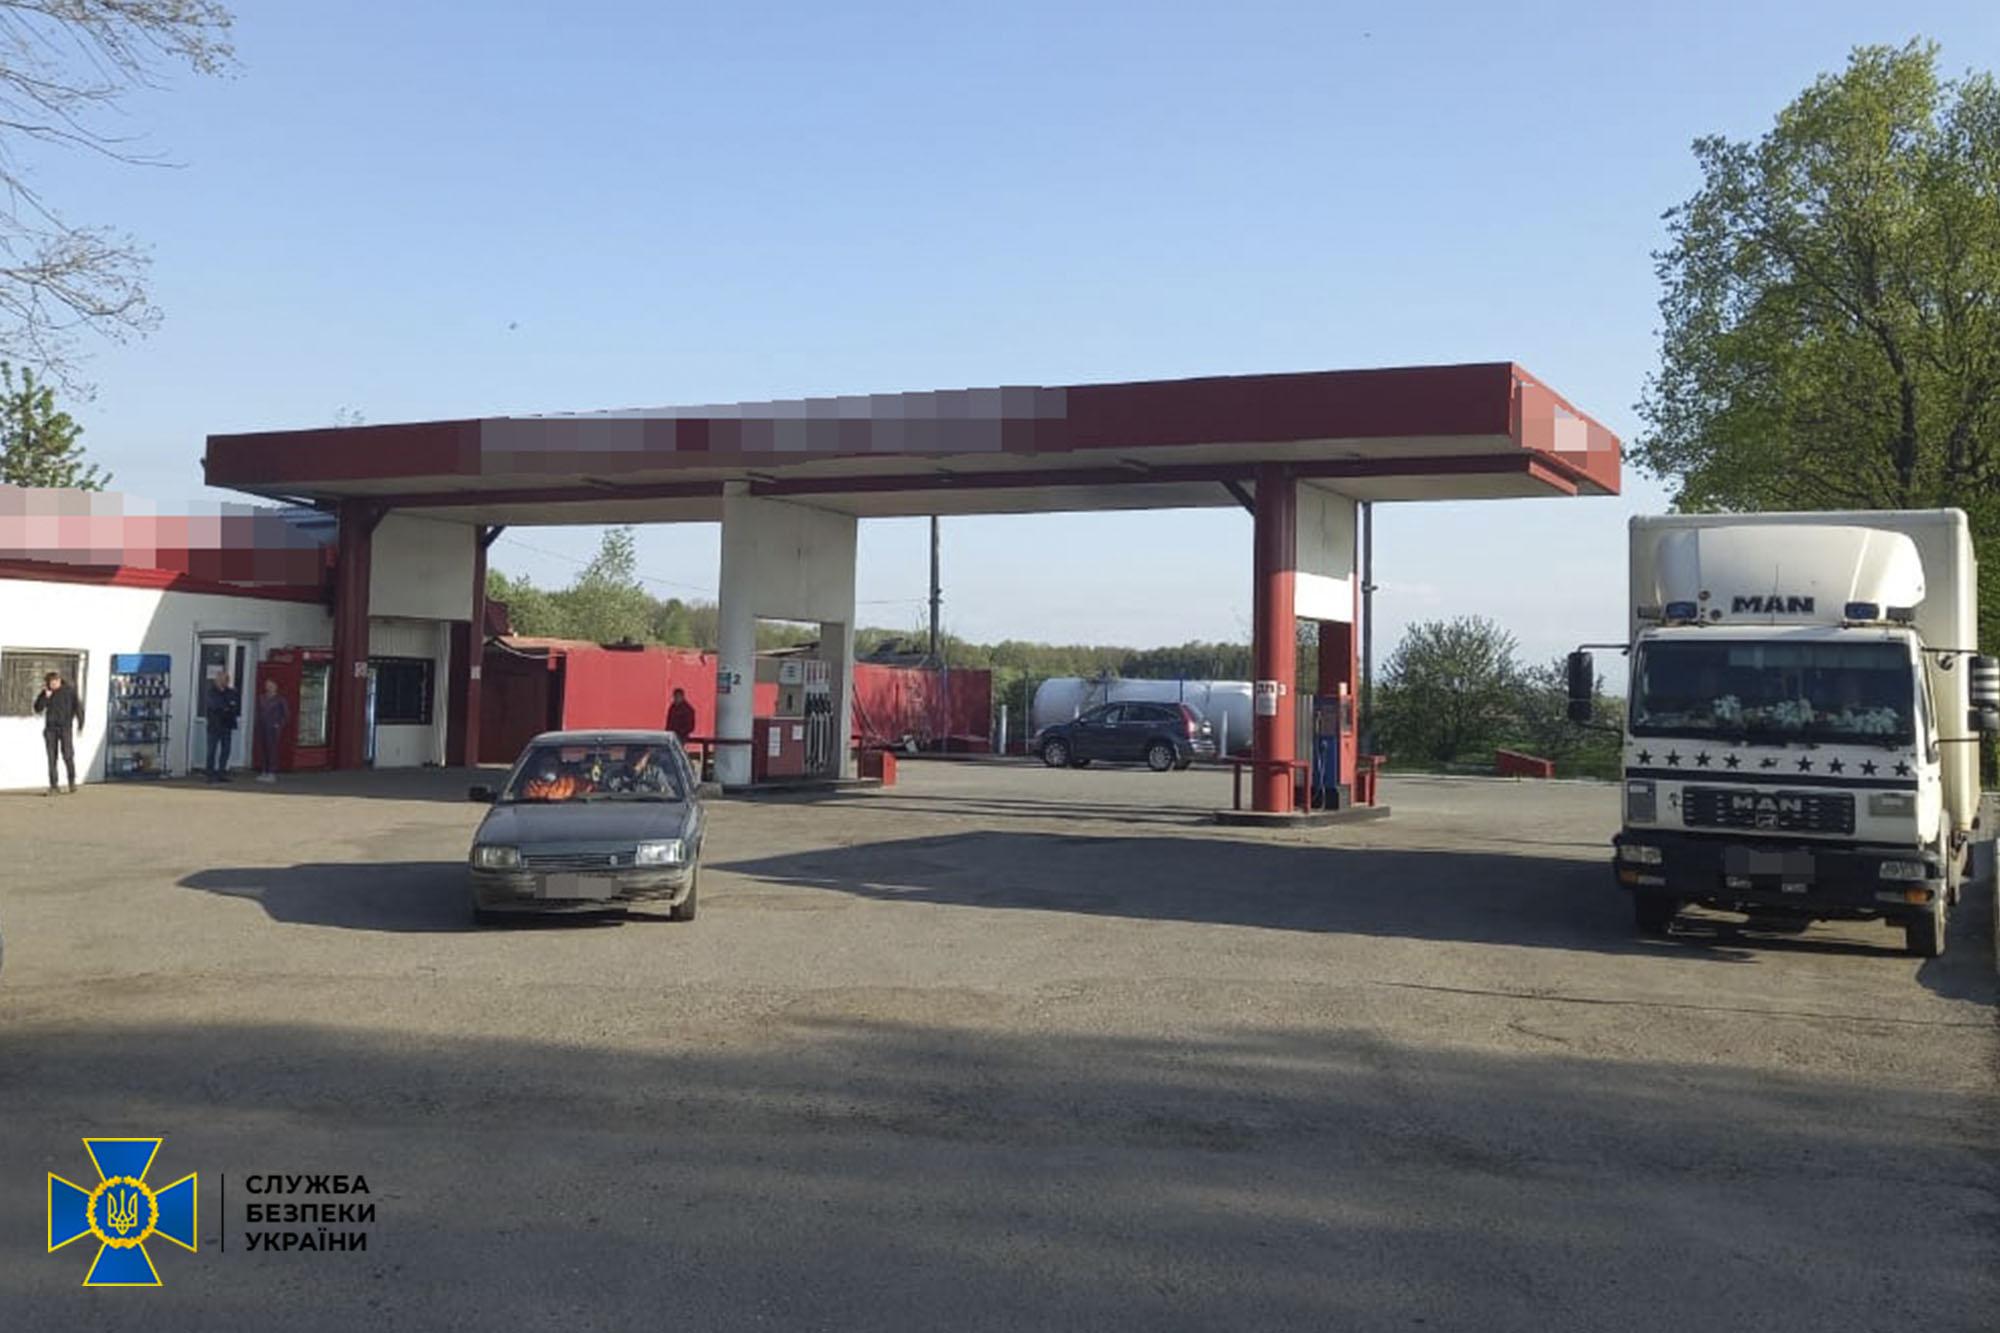 СБУ викрила на Франківщині вісім АЗС, на яких продавали пальне з підпільних нафтопереробних заводів (ФОТО)